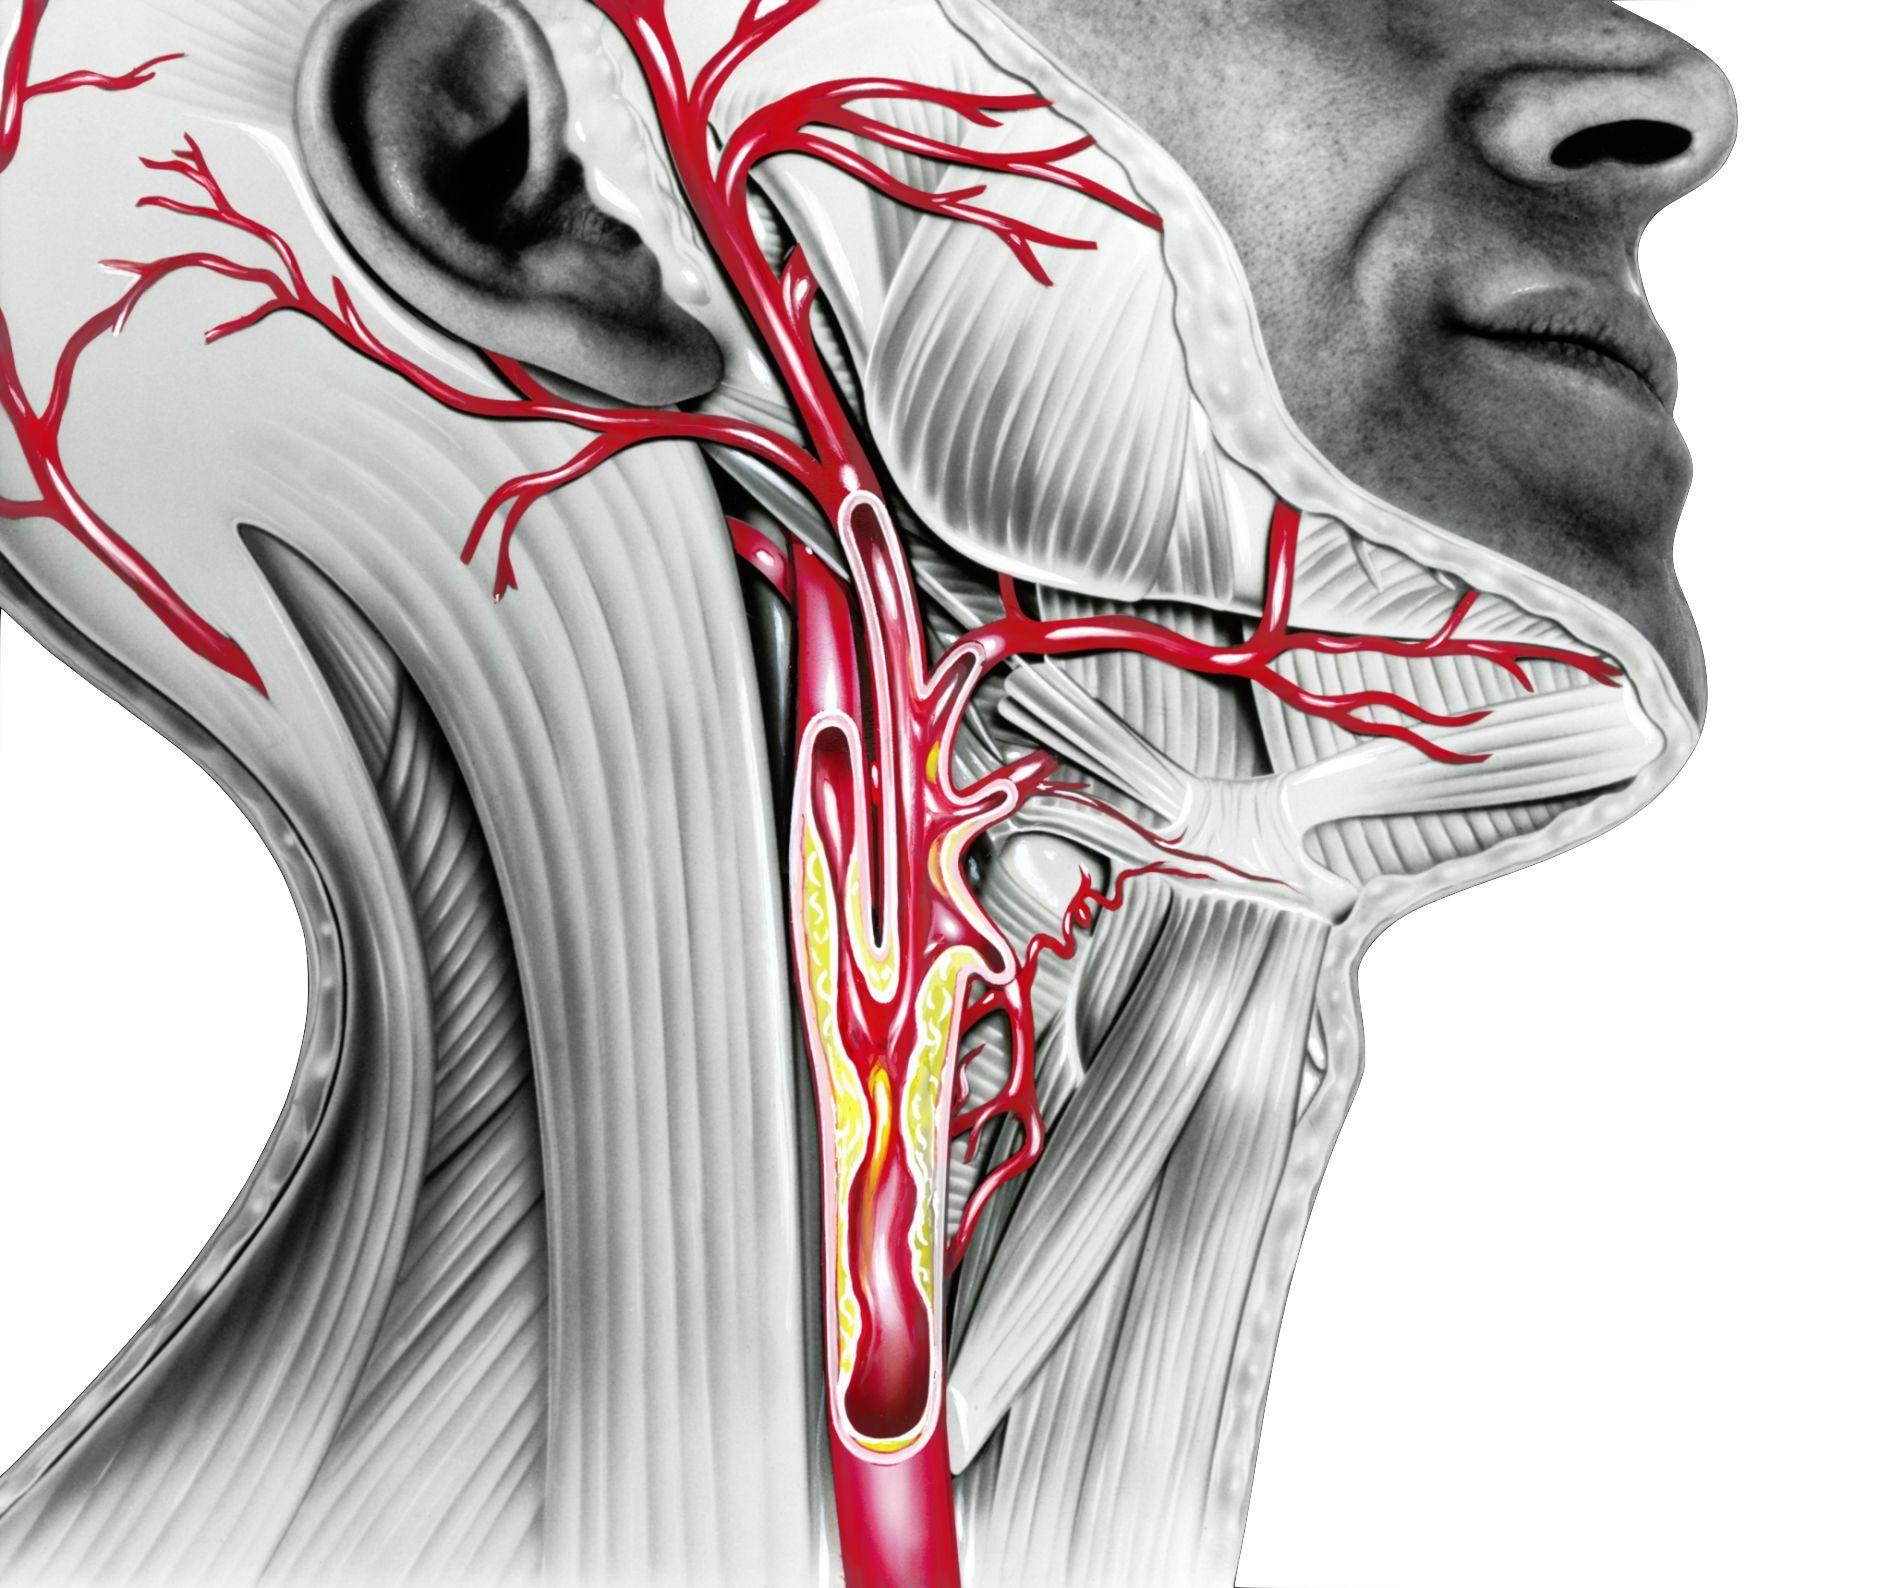 Enfermedad de la arteria carótida: síntomas y tratamientos de la estenosis